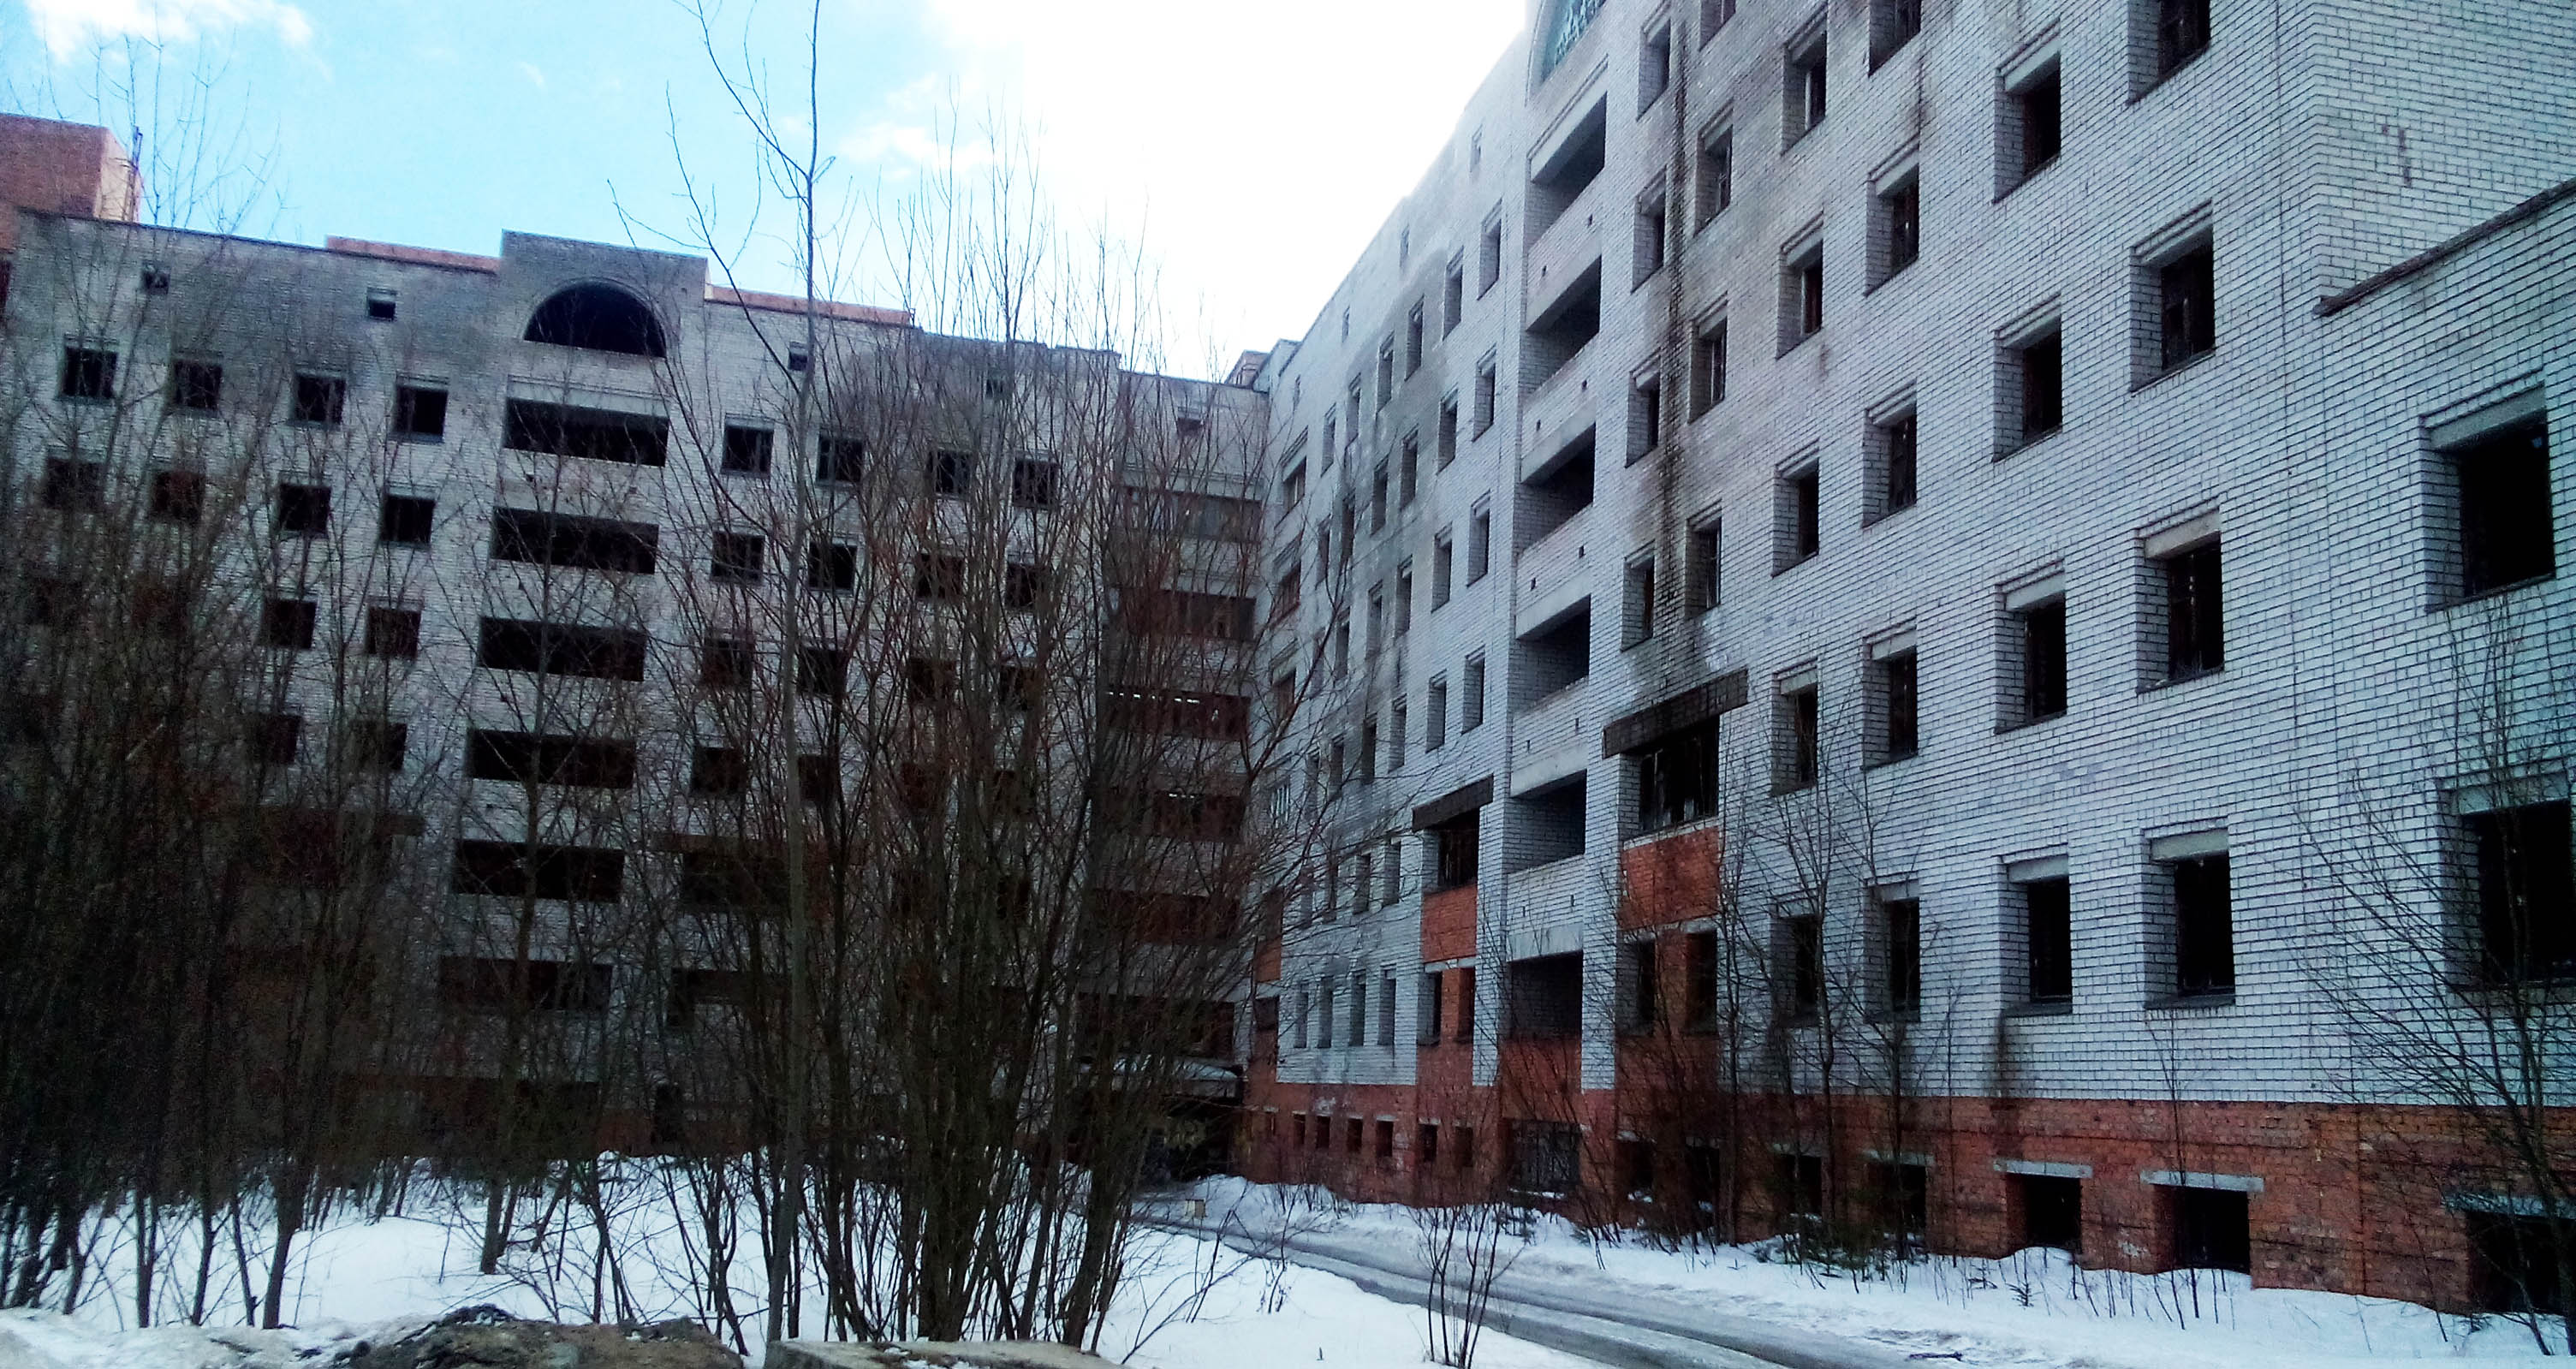 Диагностический центр - один из самых знаменитых карельских недостроев советских времен. Фото: Татьяна Смирнова